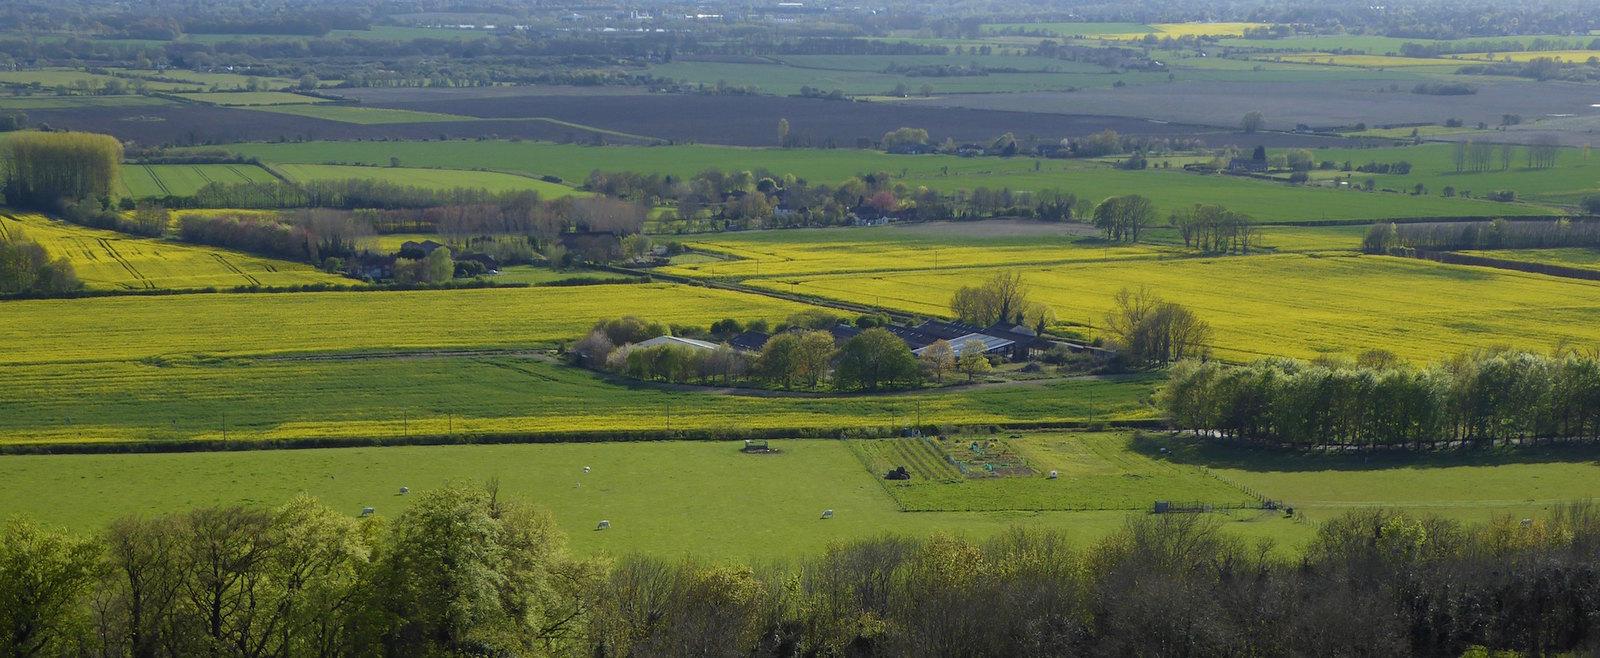 Oilseed fields near Wye